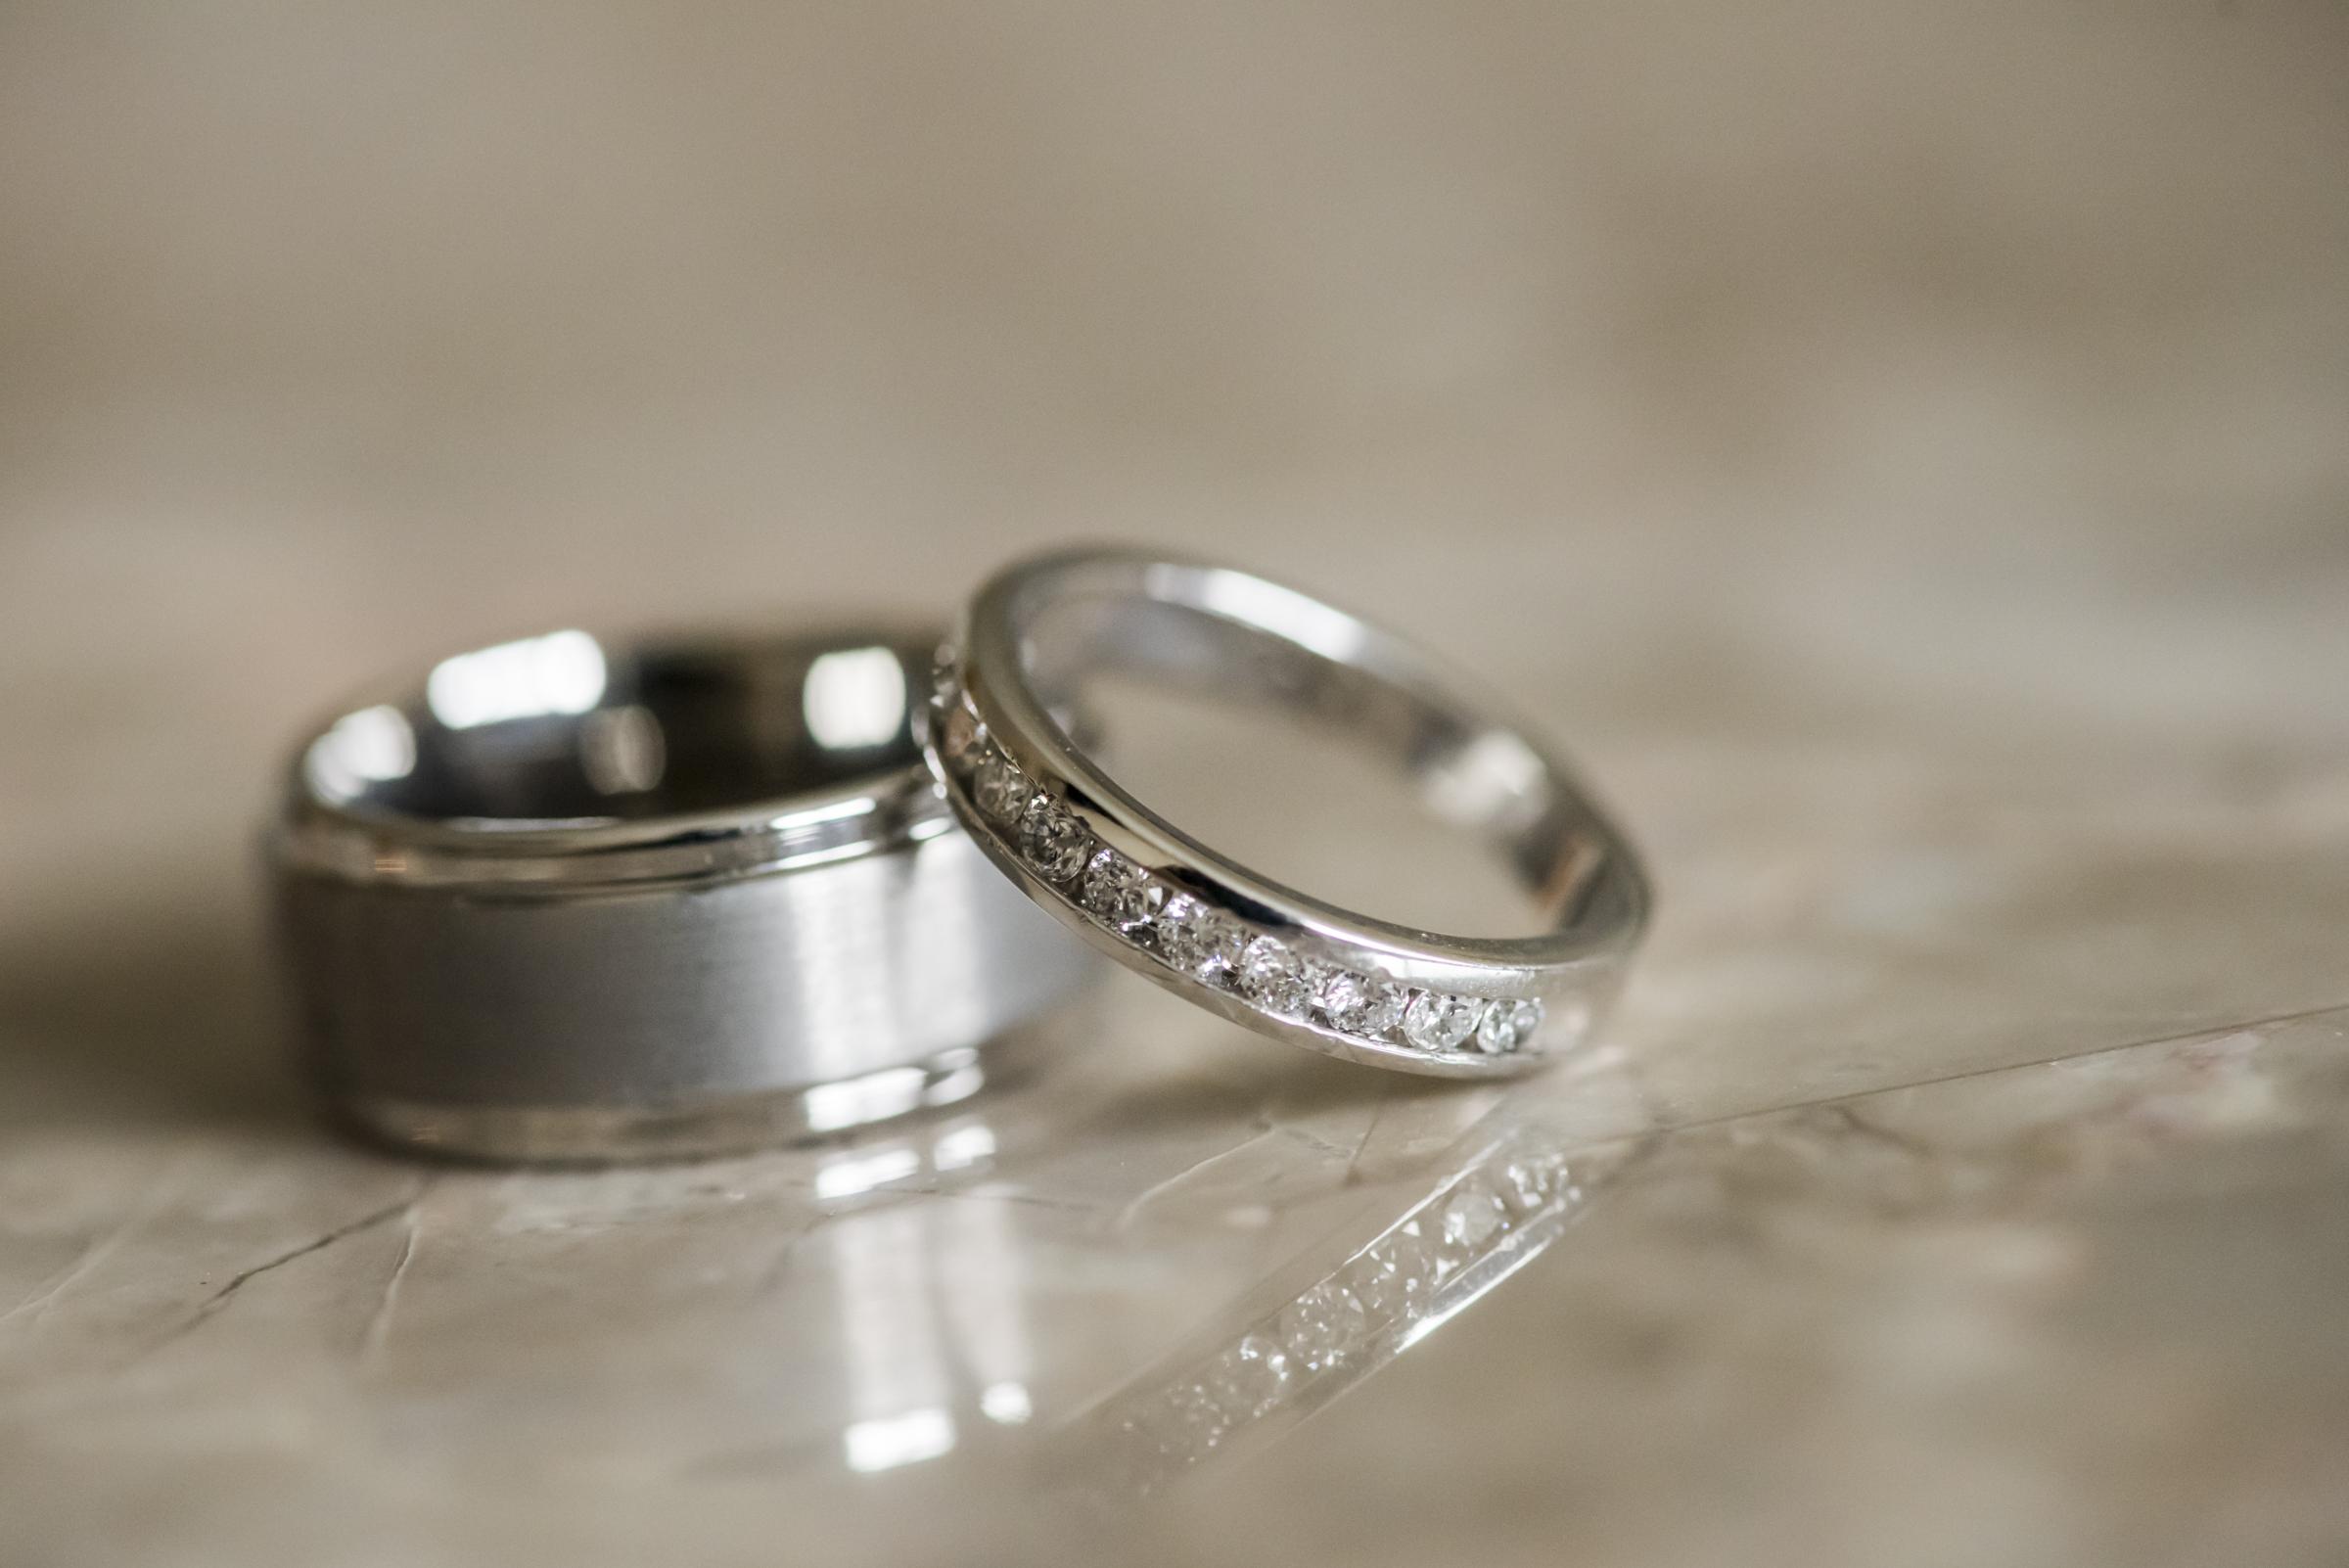 Rings-website_XXX3243.jpg